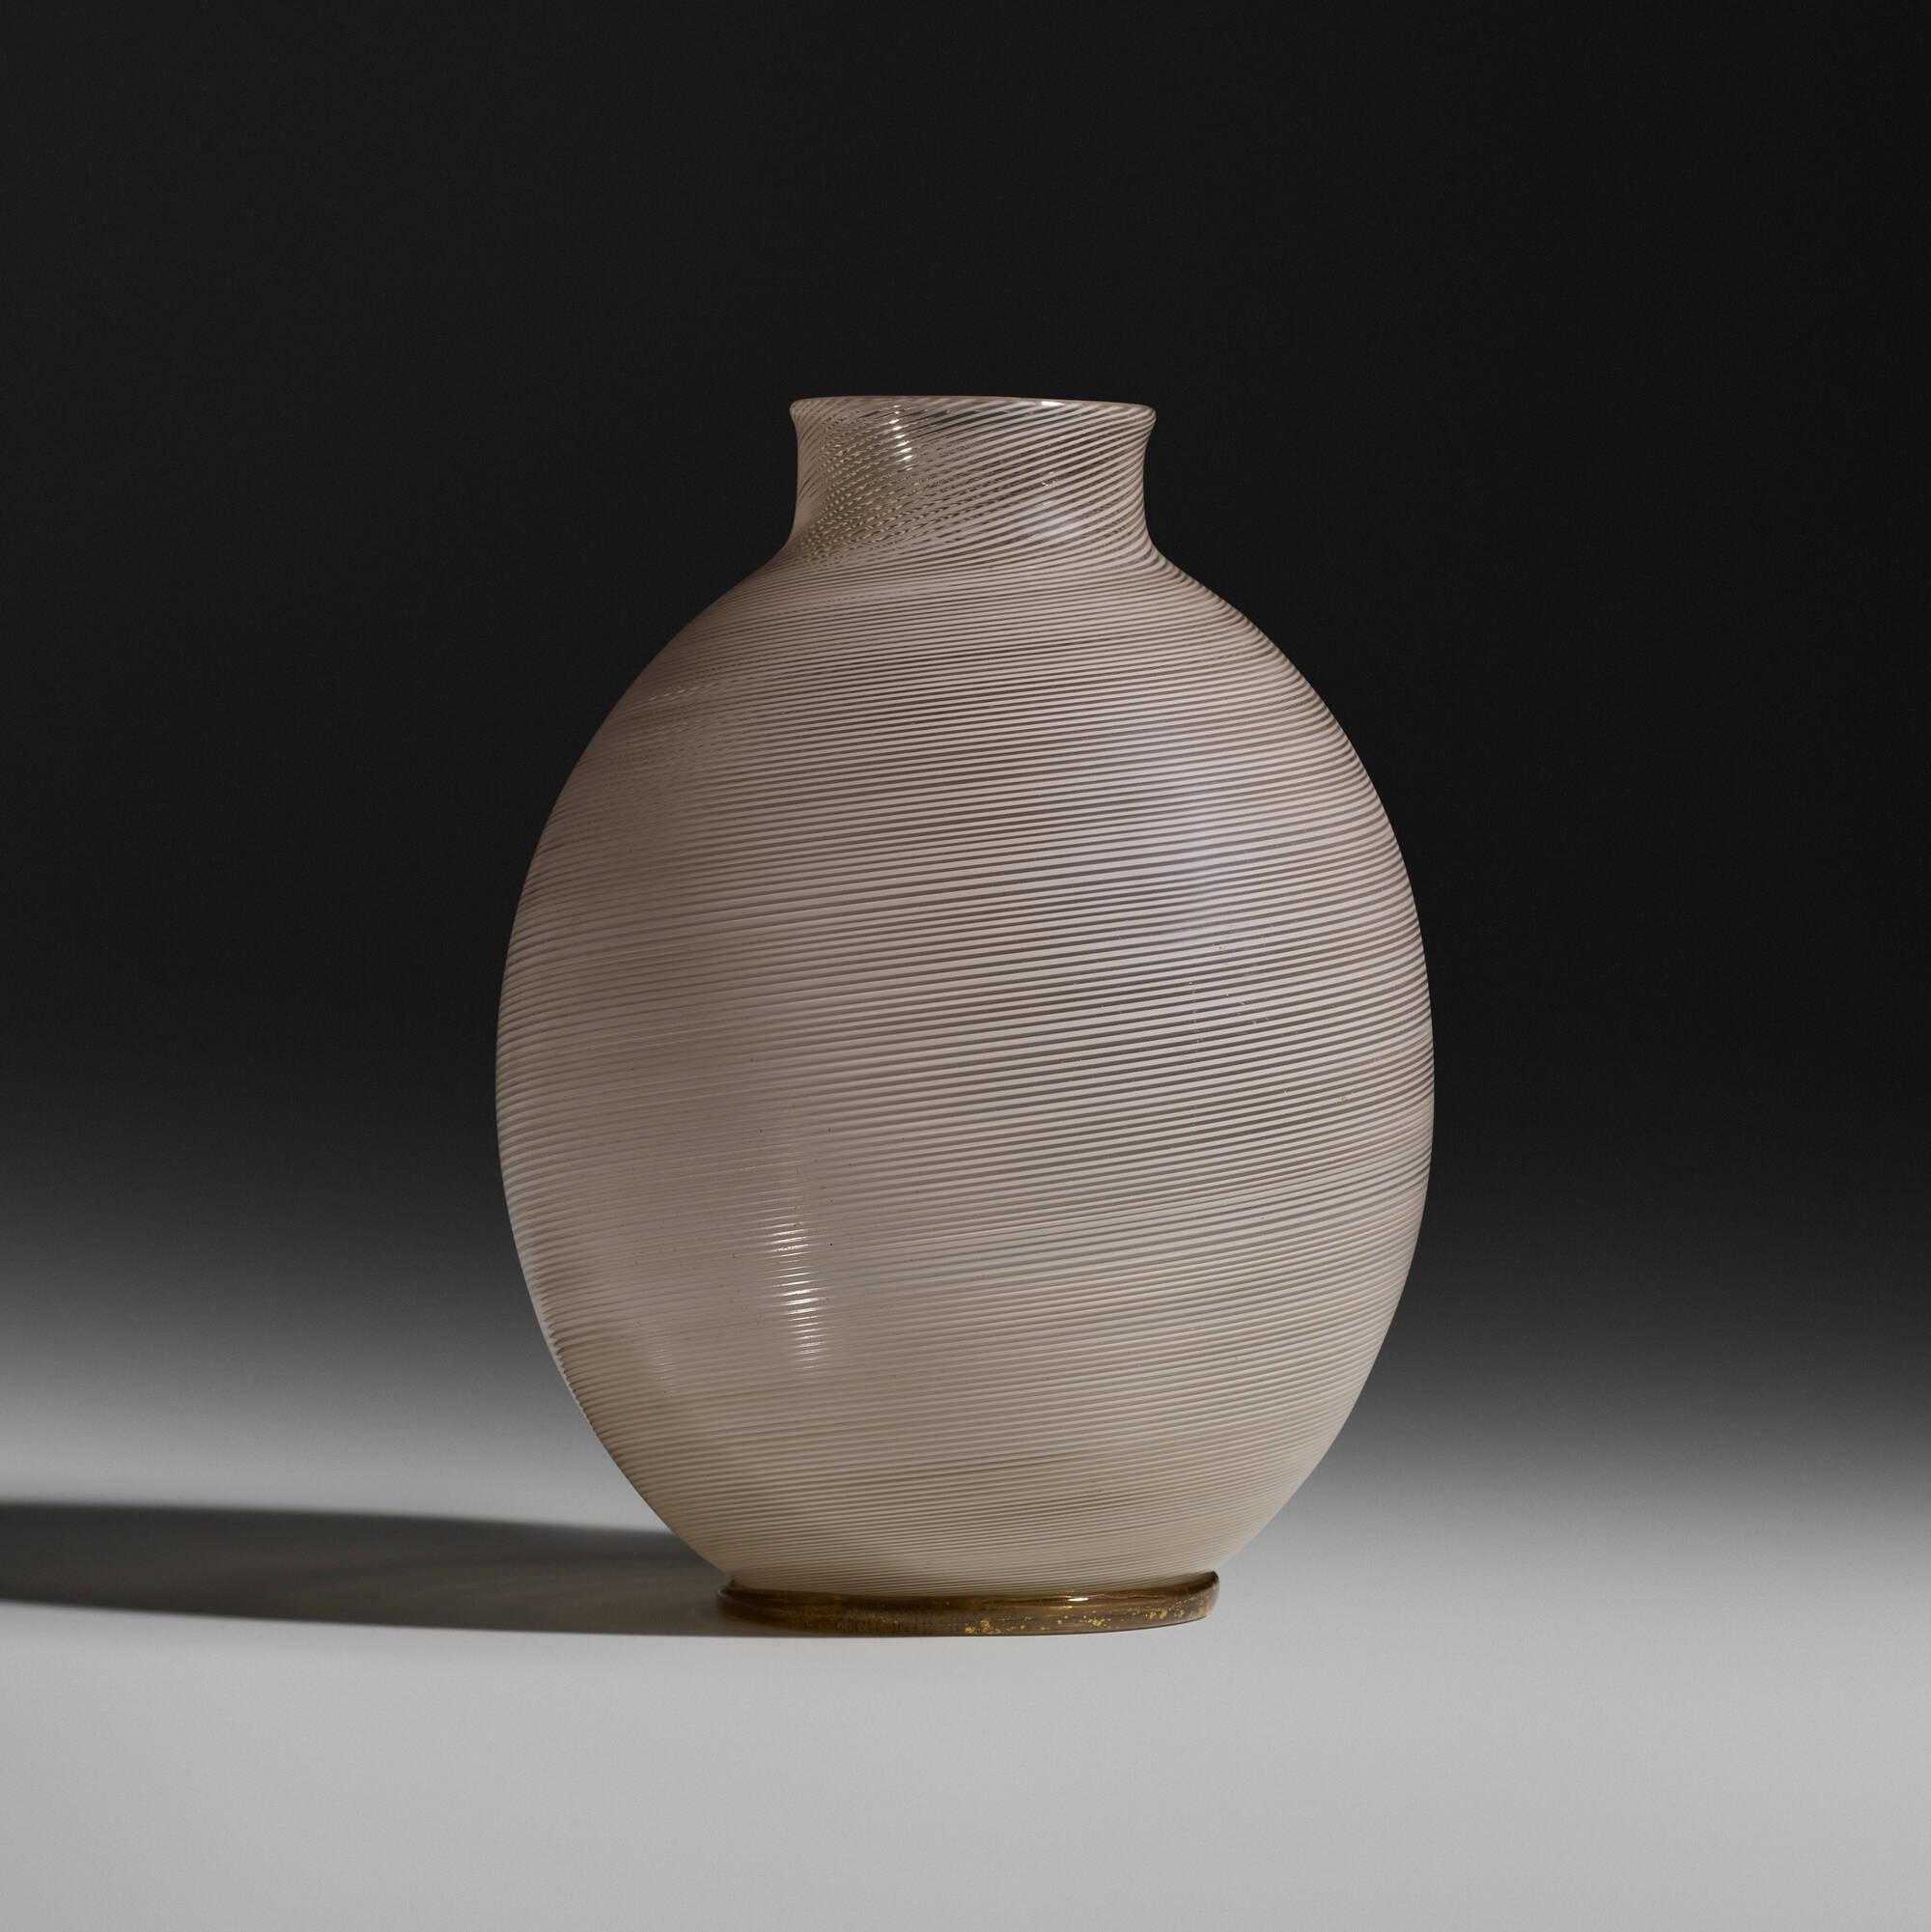 127: Carlo Scarpa / Mezza Filigrana vase, model 1886 (1 of 3)